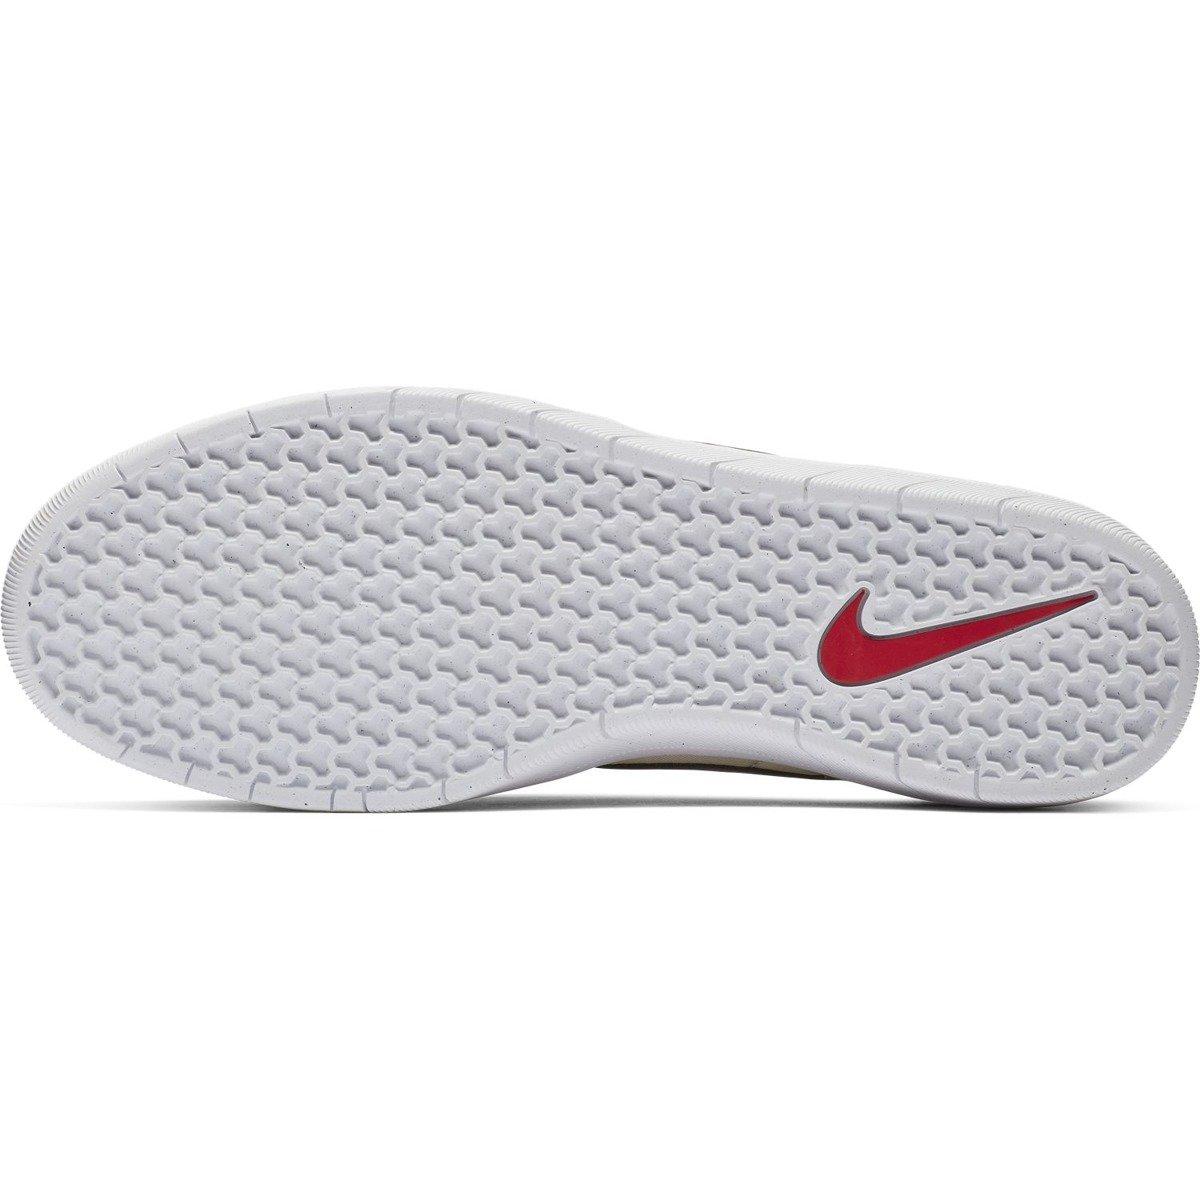 cb2a384f4b887 nike sb team classic Black/white | Shoes \ Nike SB Brands \ Nike SB ...